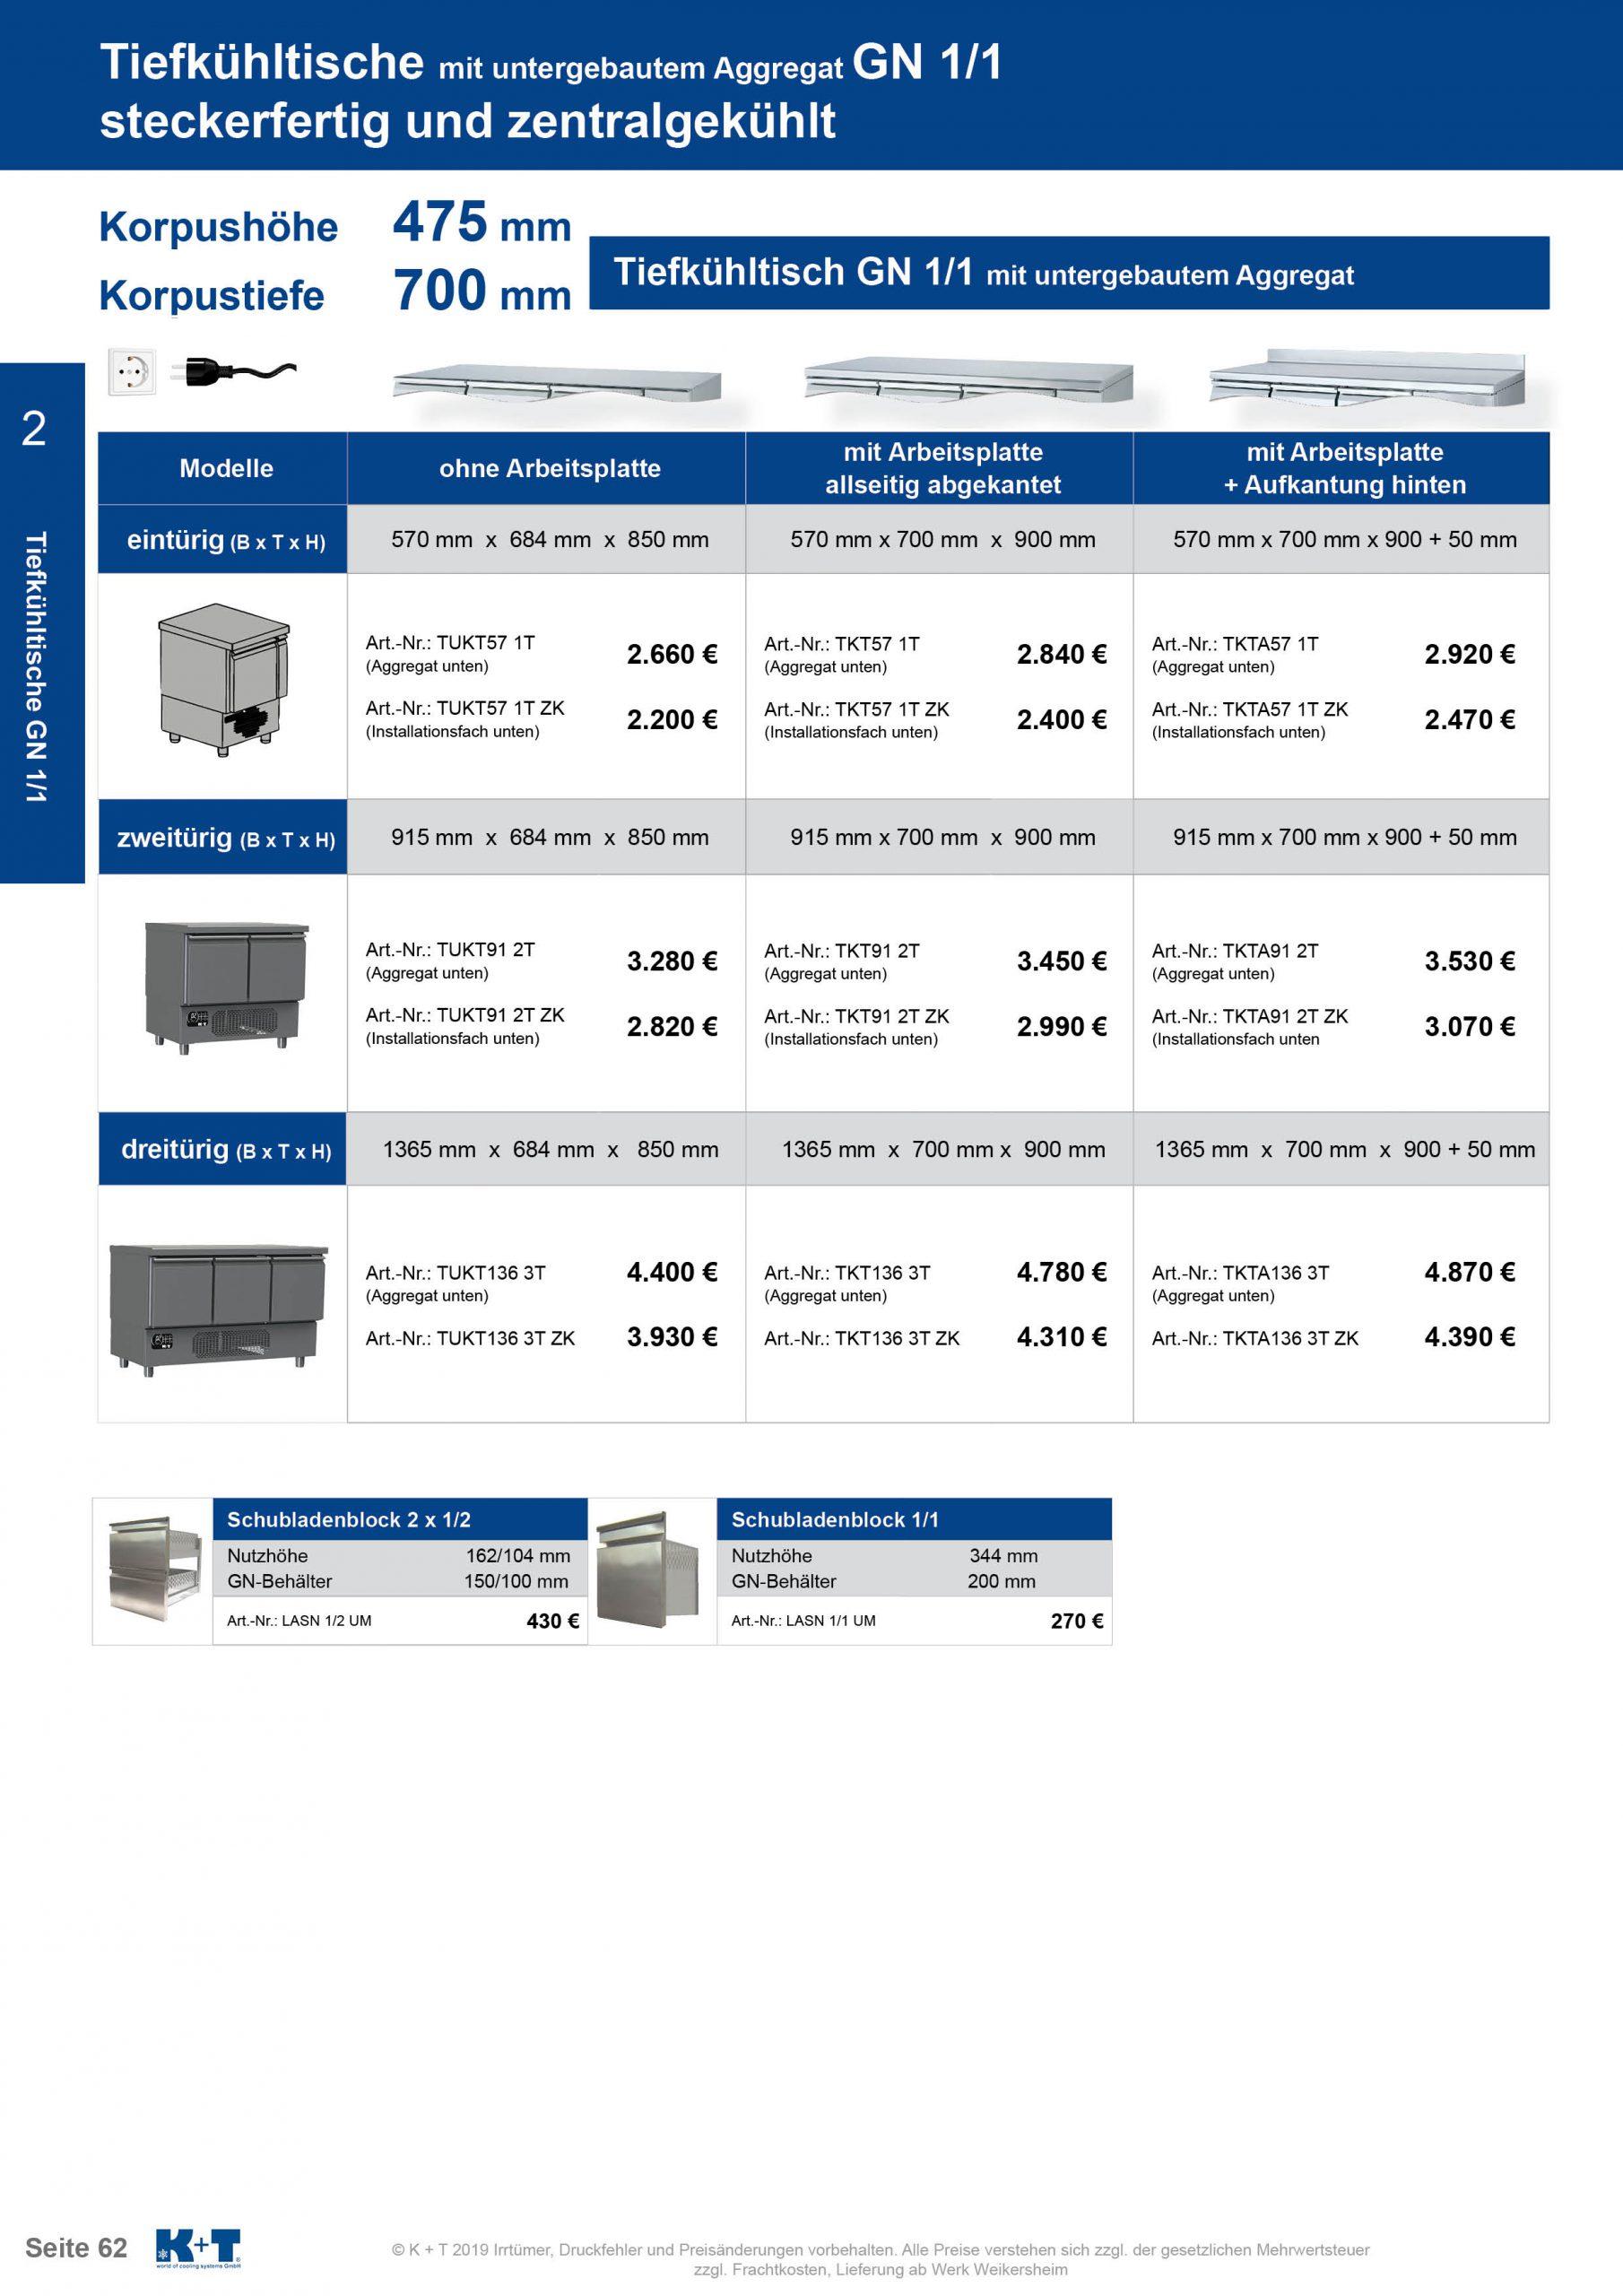 Tiefkühltisch mit untergebautem Aggregat steckerfertig 1